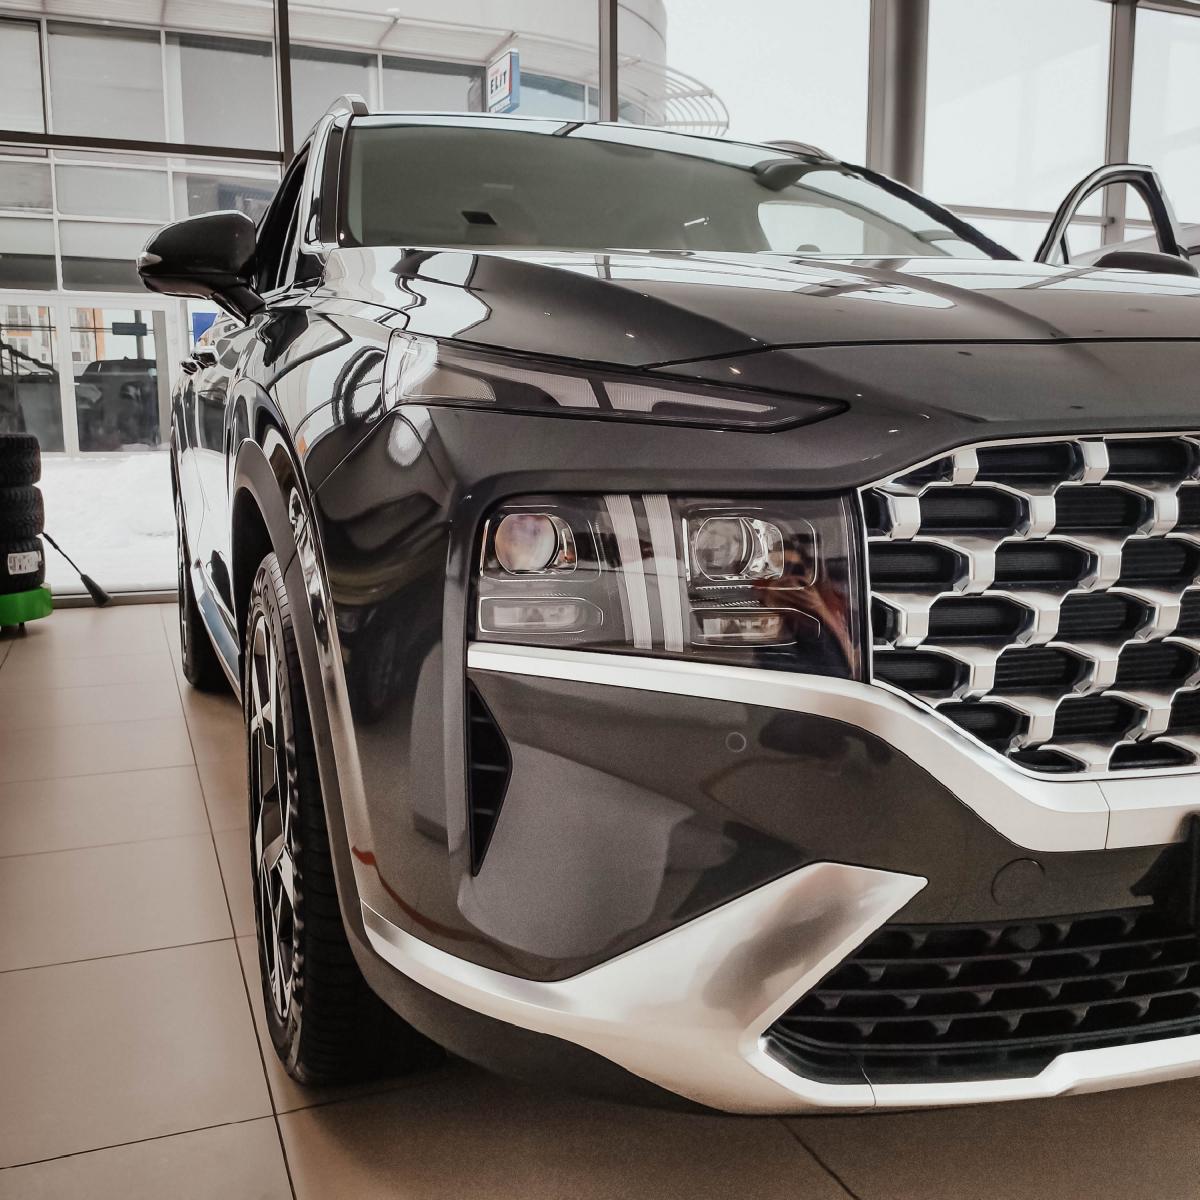 Якби комфорт і розкіш можна було б описати - це був би Hyundai Santa Fe!   Хюндай Мотор Україна - фото 13